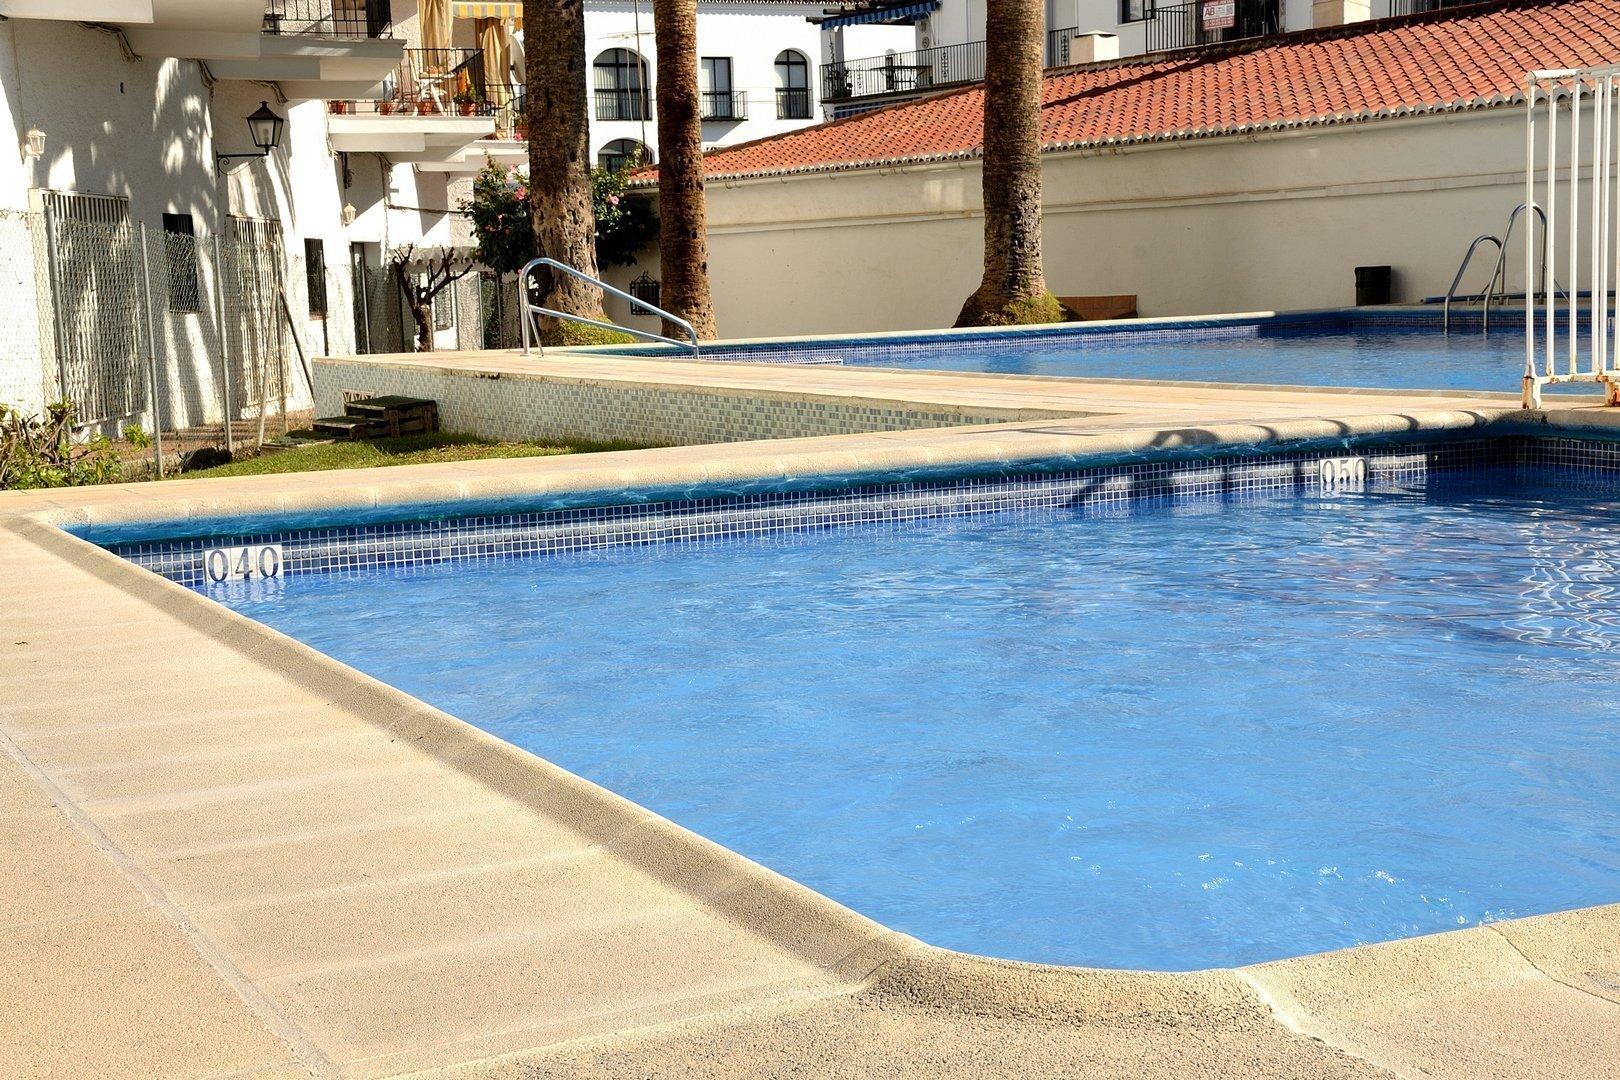 Coronado 58 - Pool